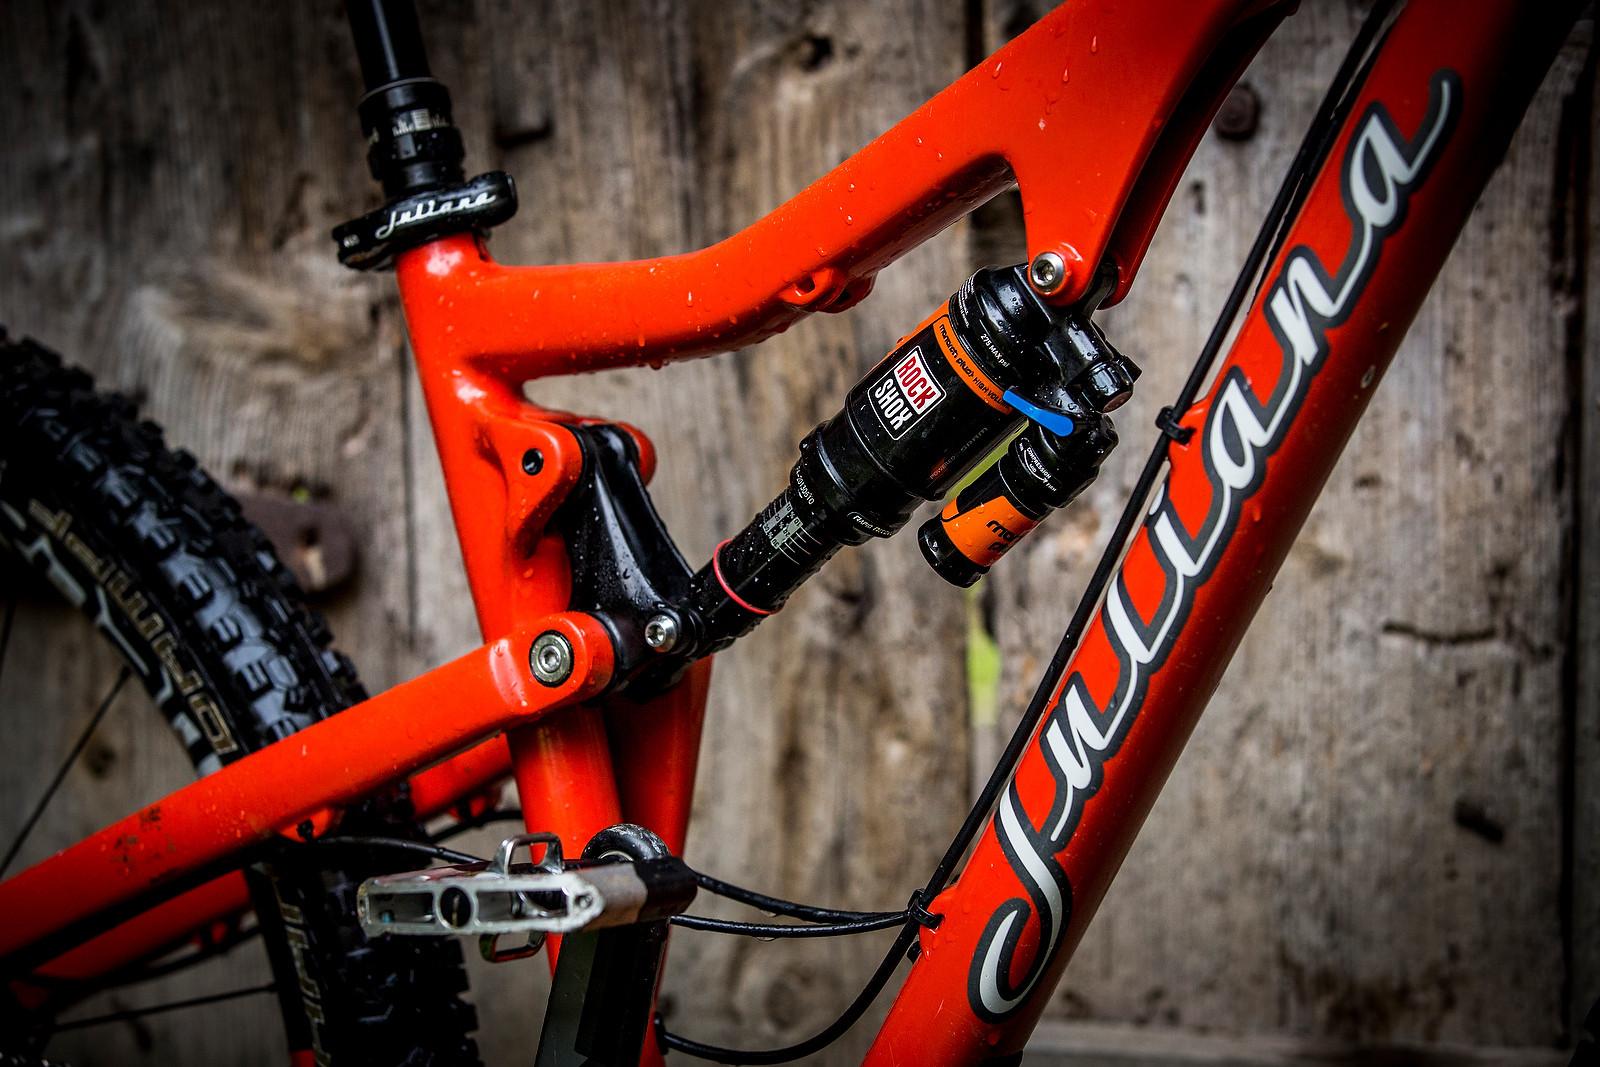 WINNING BIKE: Anka Martin's Custom 150mm-travel Juliana Furtado - WINNING BIKE: Anka Martin's Custom 150mm-travel Juliana Furtado - Mountain Biking Pictures - Vital MTB